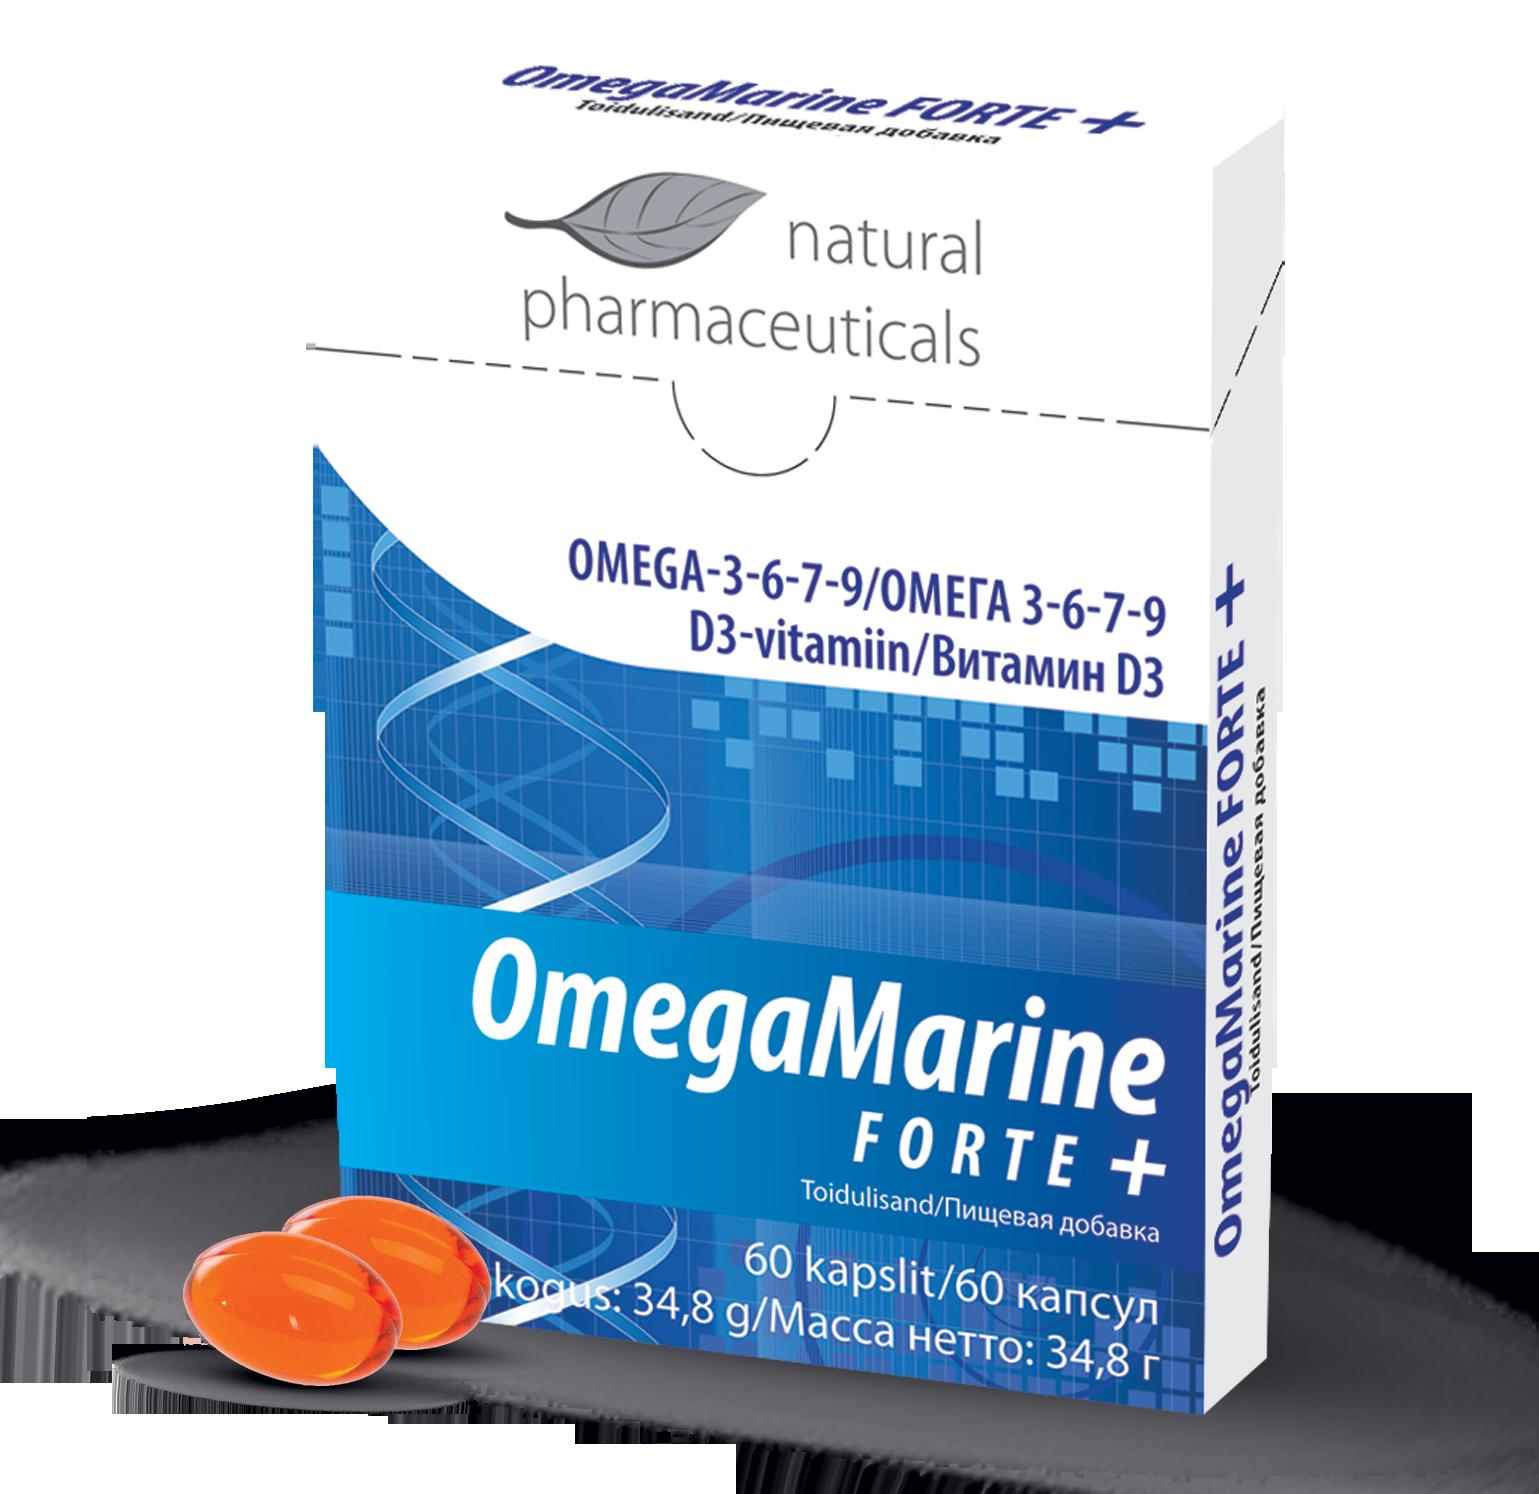 OmegaMarine FORTE+, 60 kapslit